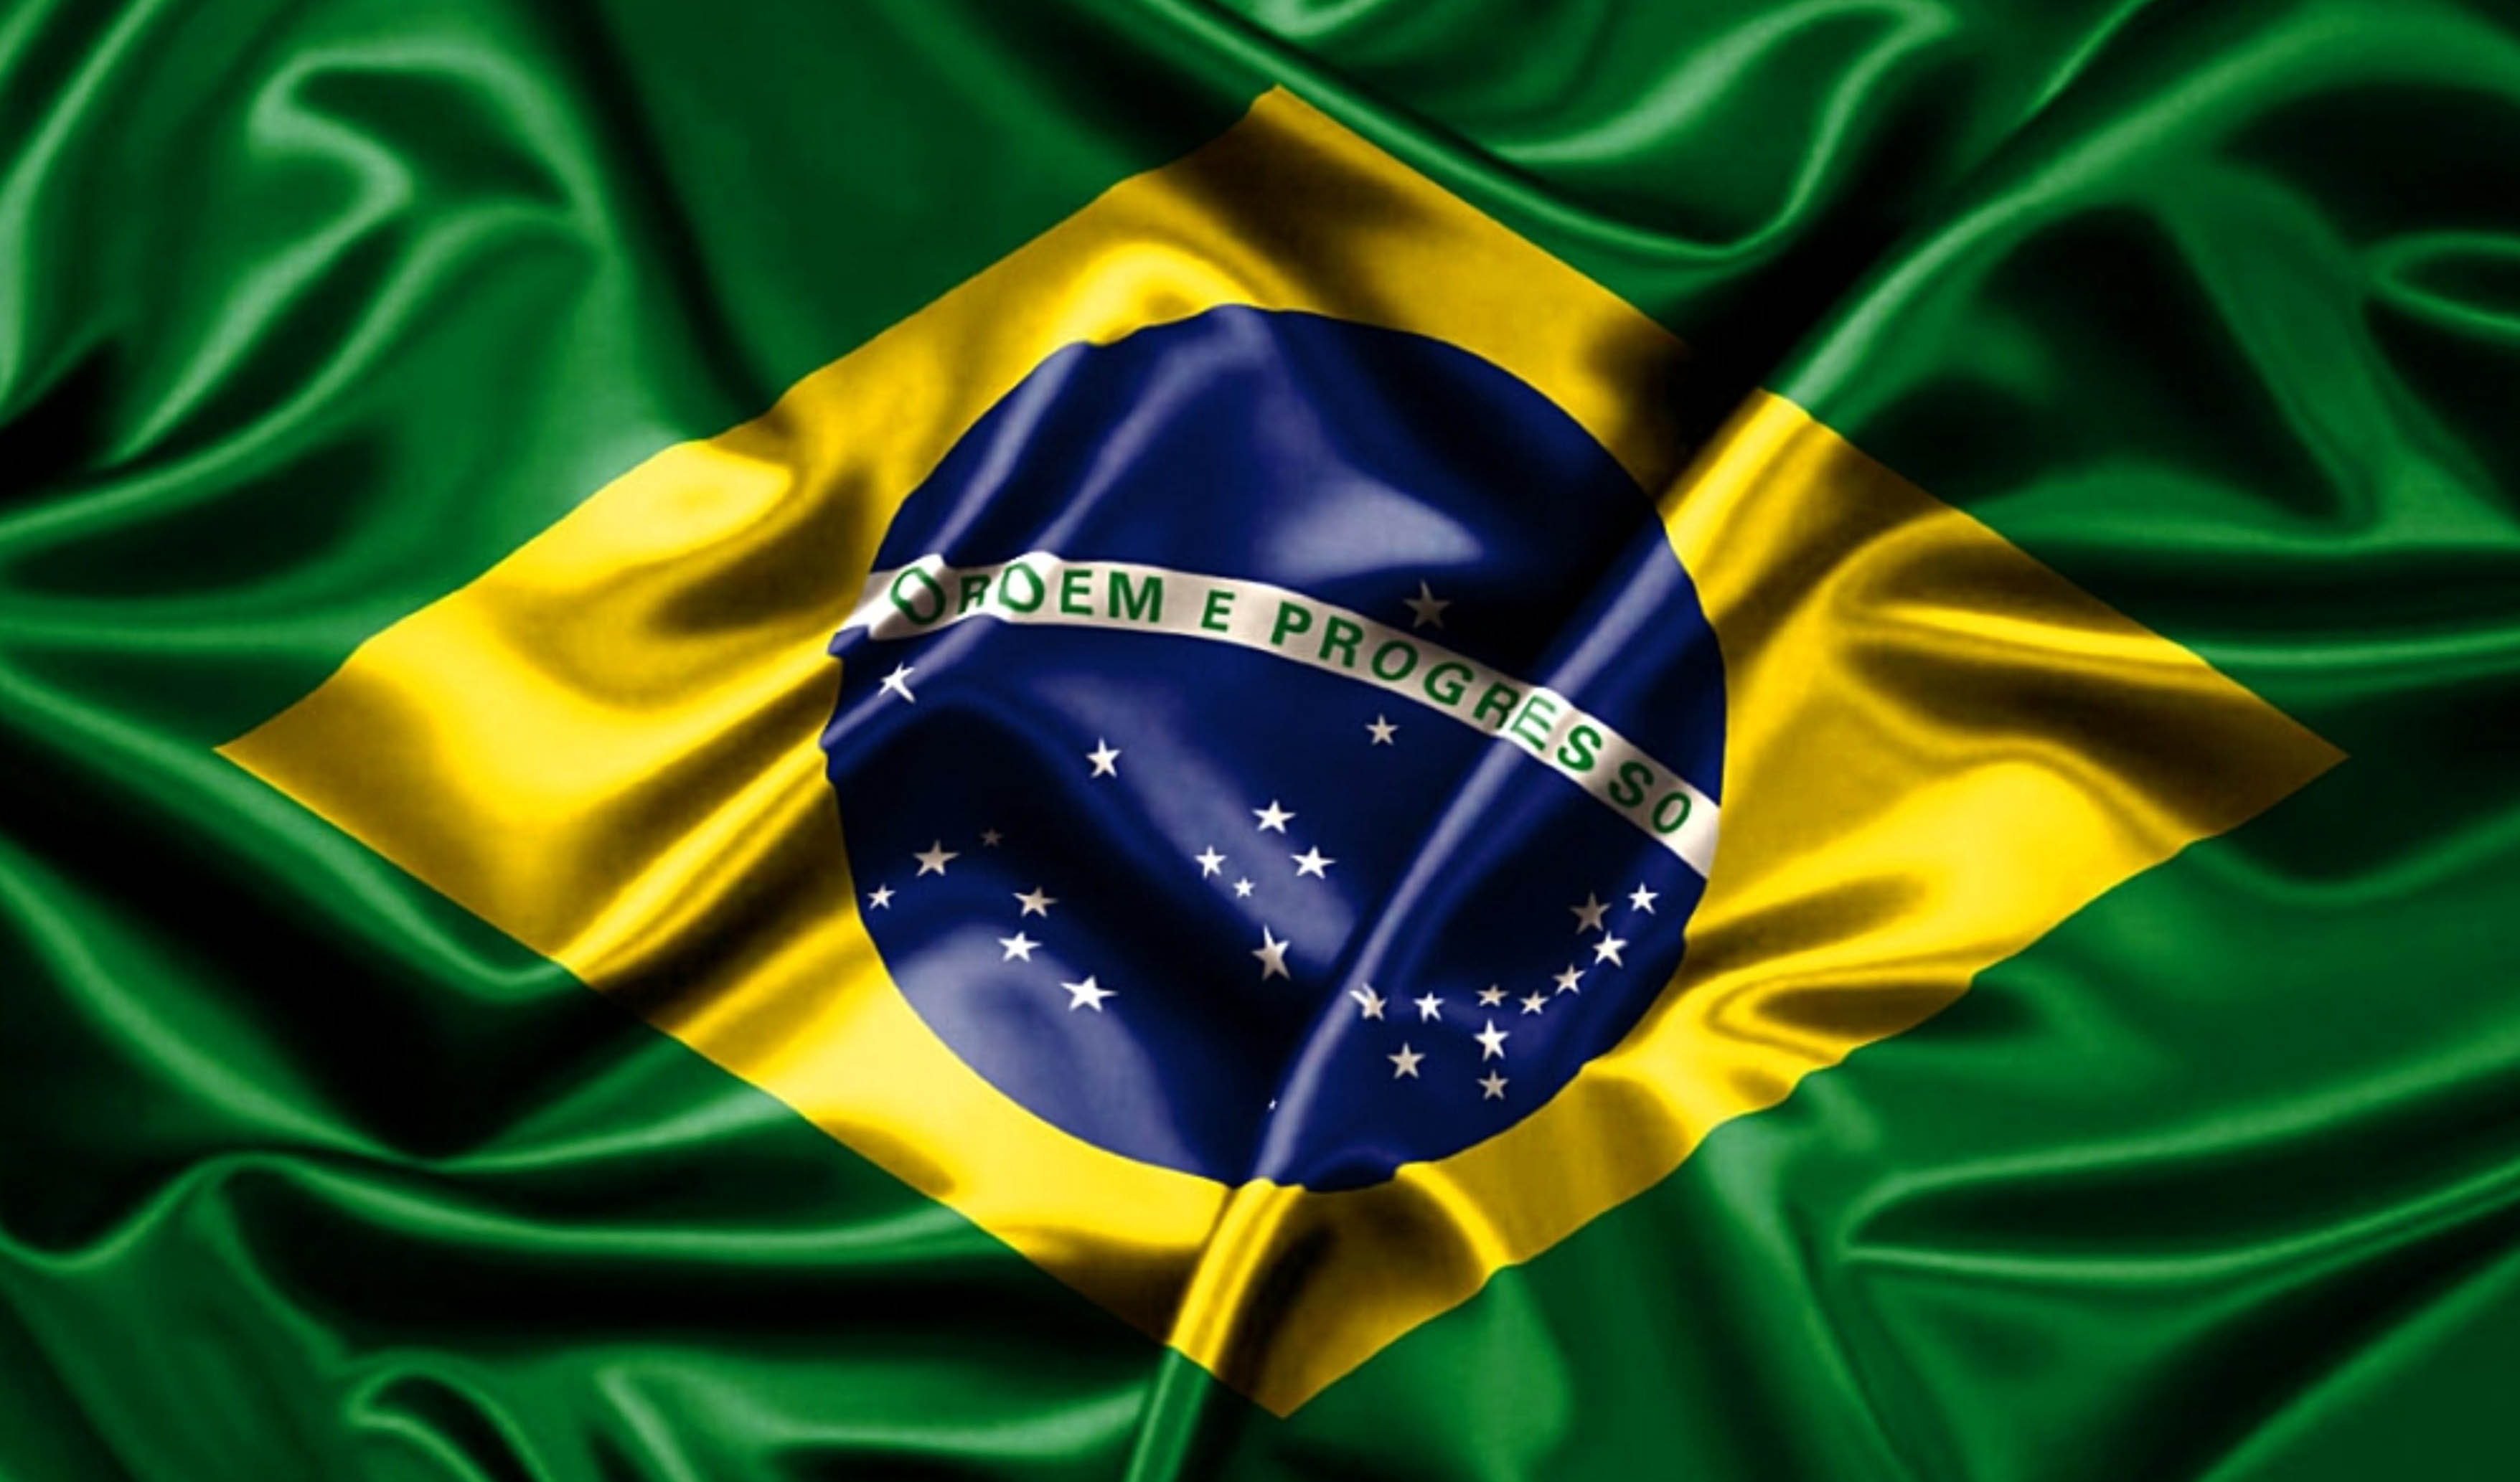 کرونا بزرگترین اقتصاد آمریکای لاتین را به وسعت سال ۲۰۰۹ بازگرداند